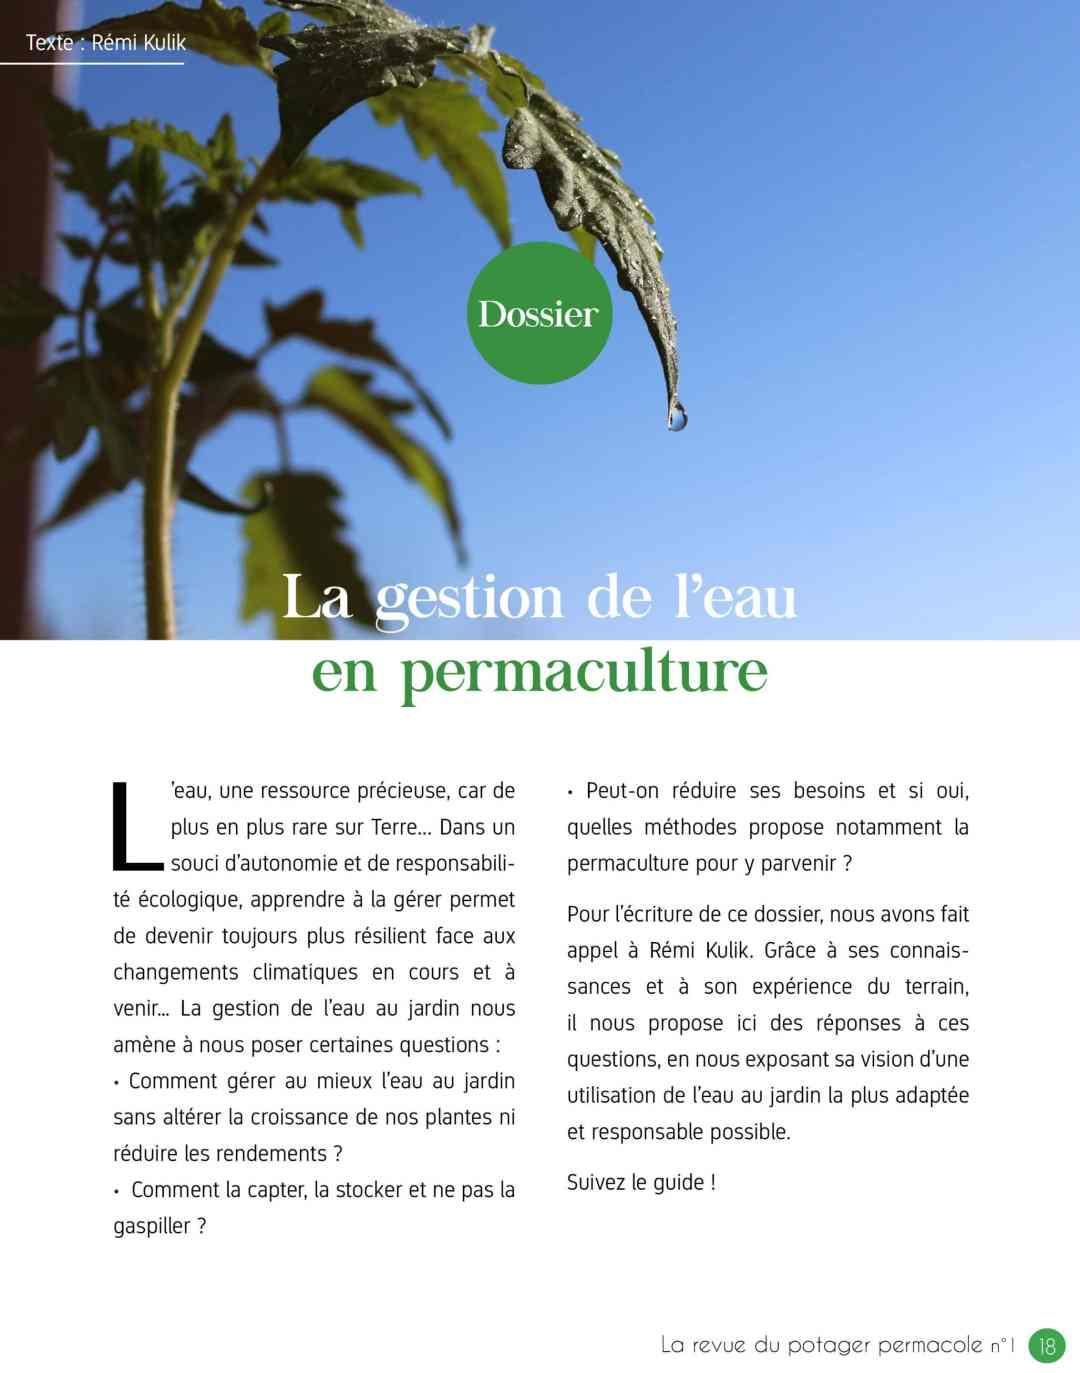 gestion de l'eau permaculture